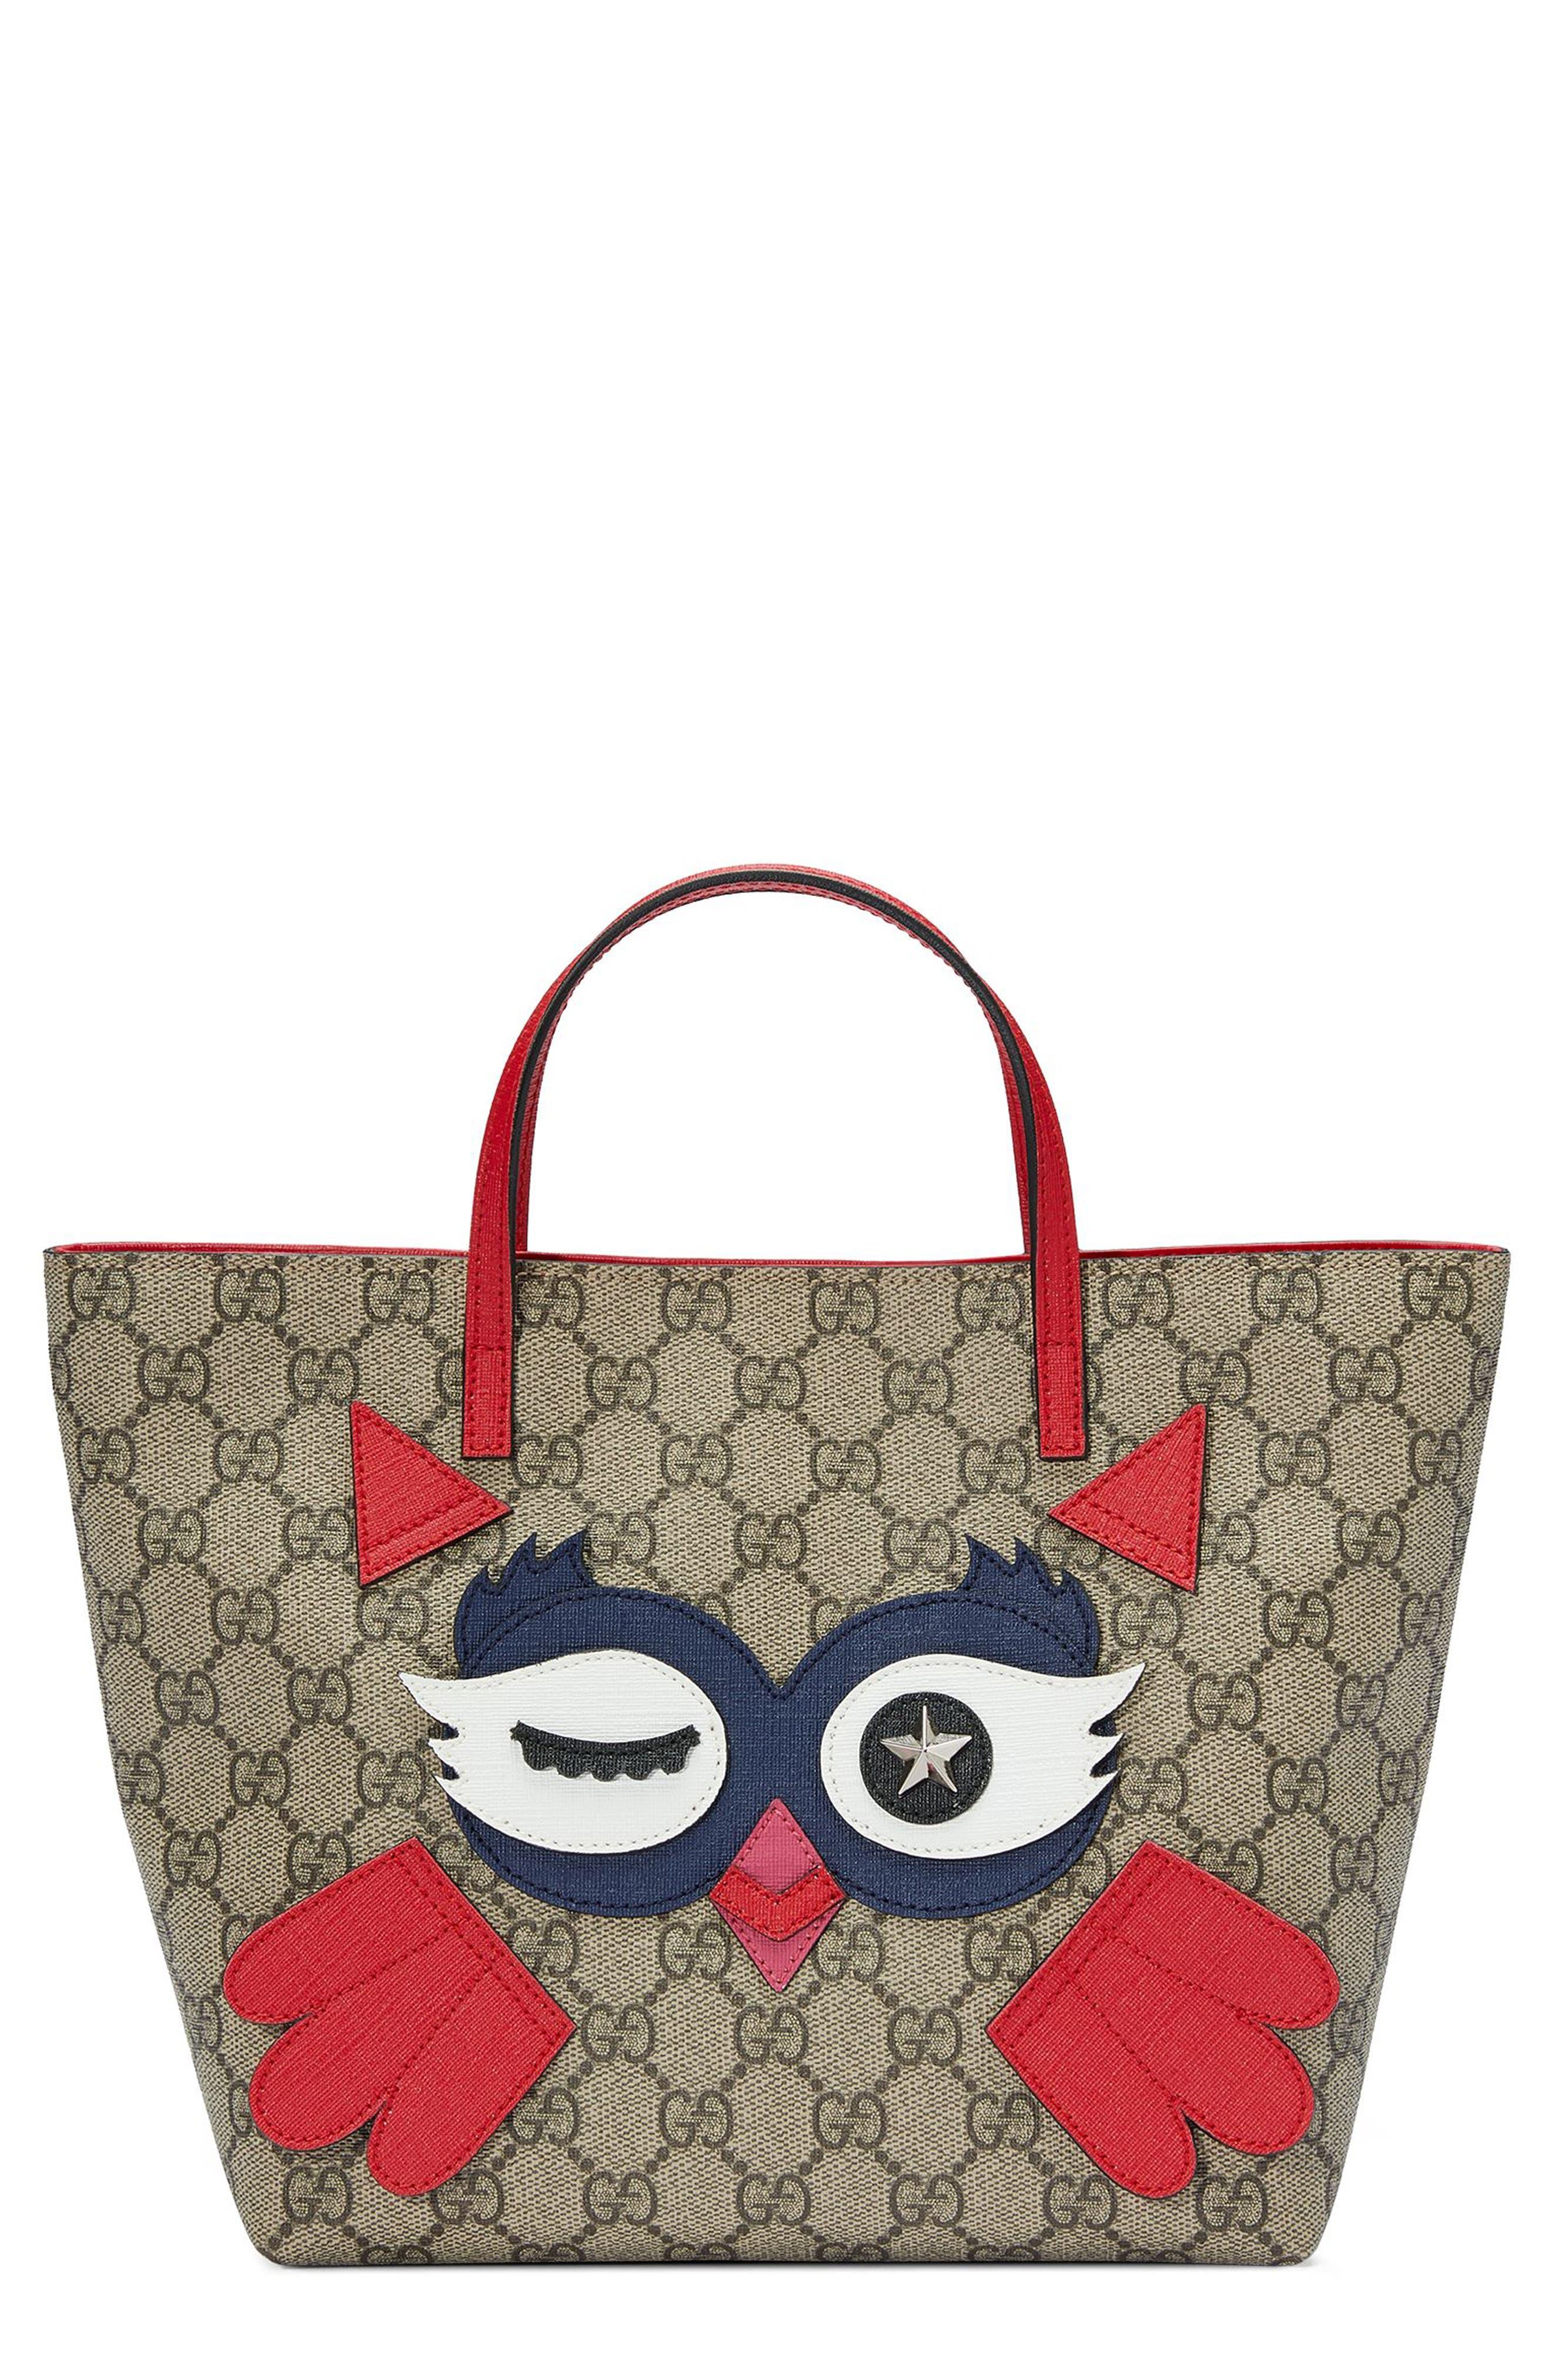 Gucci Owl Face Tote